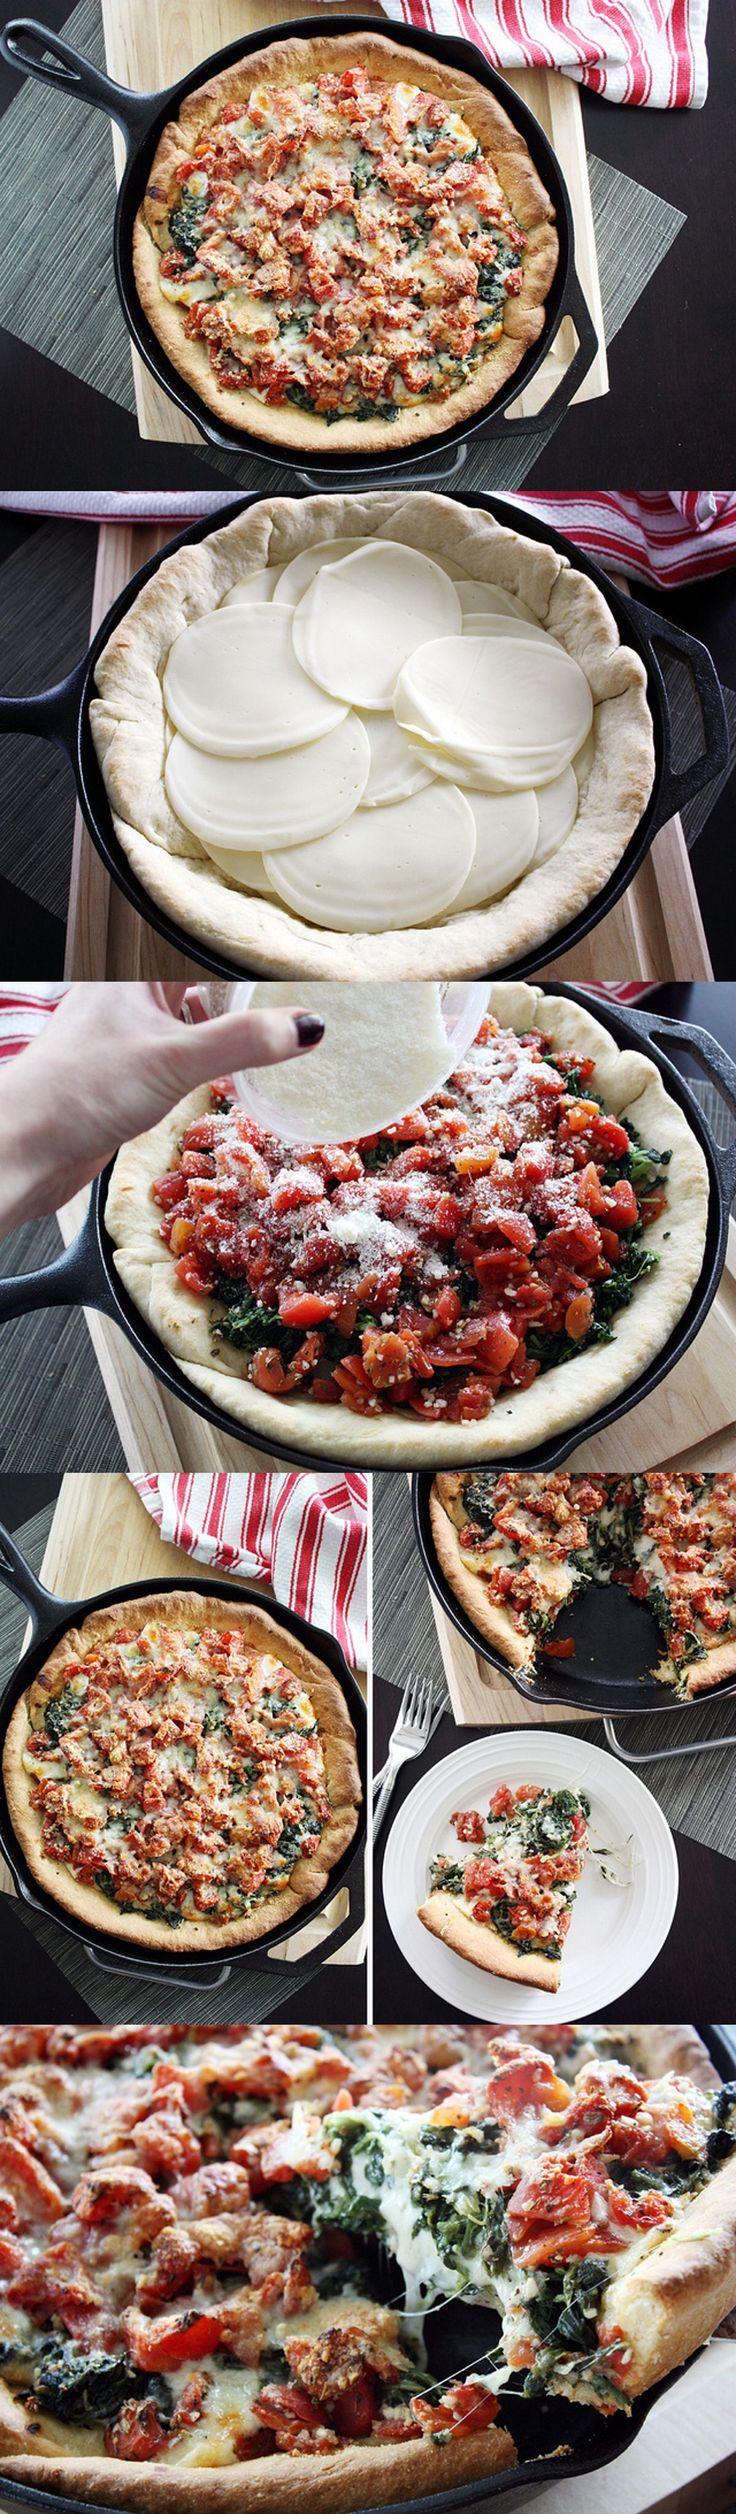 Tomato + Spinach Pizza